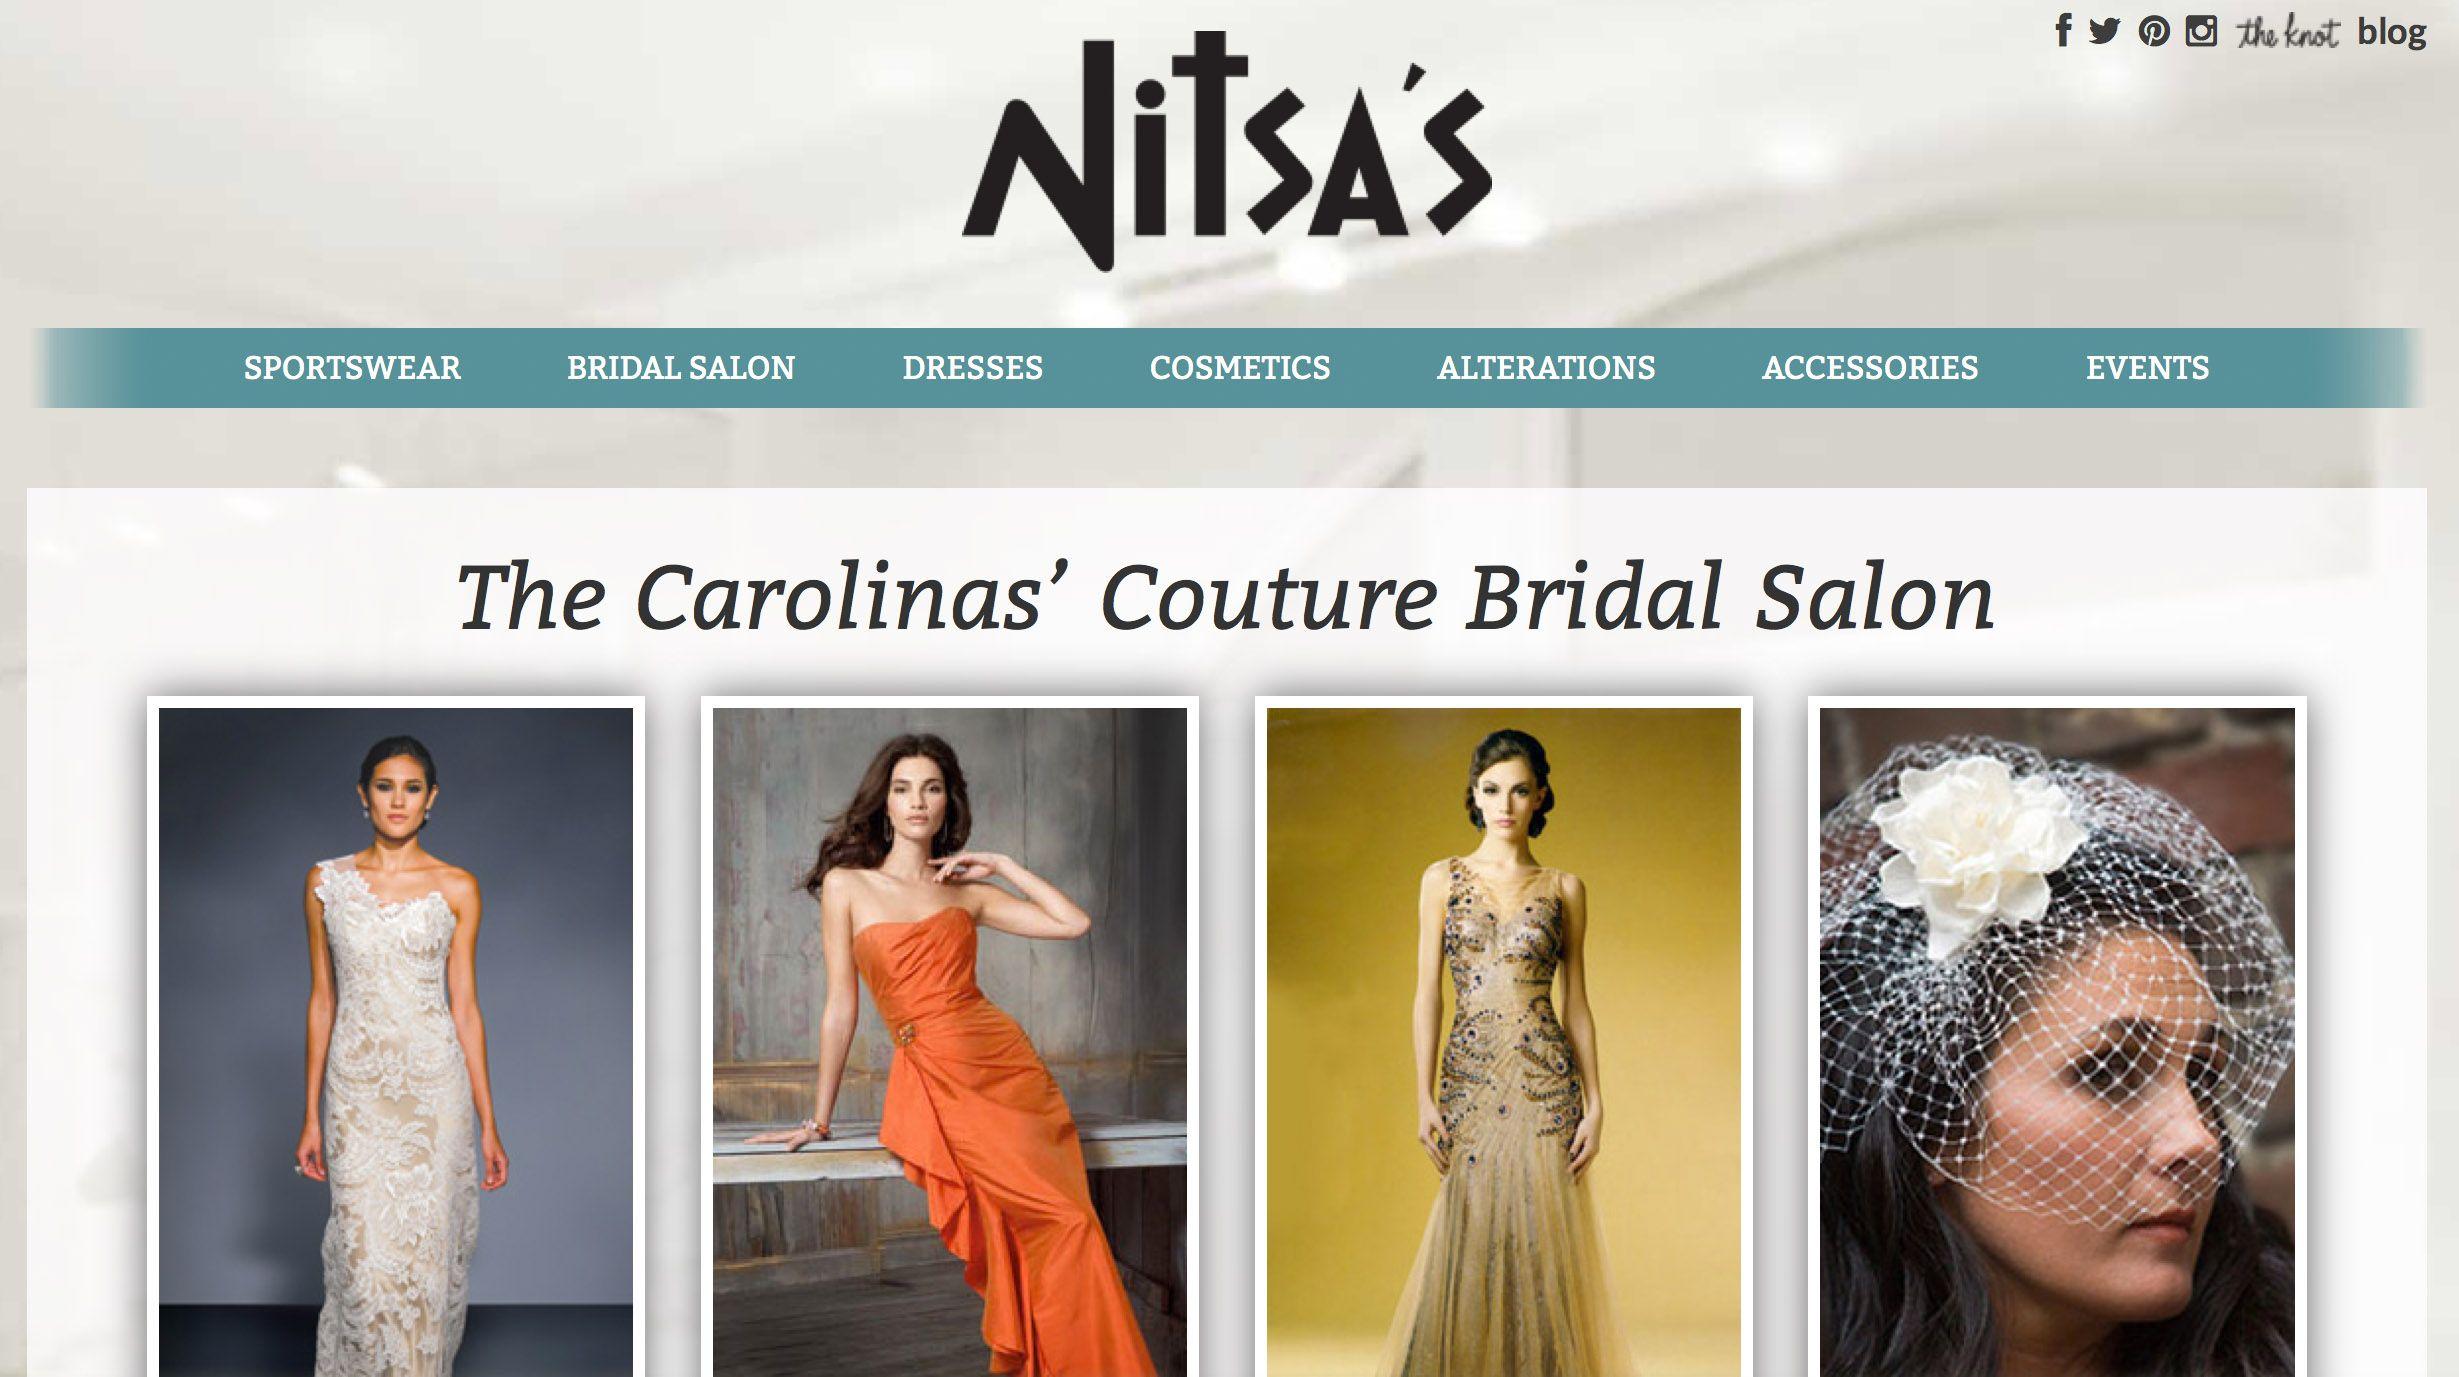 Nitsas apparel charlotte nc bridal shop charlotte nc wedding nitsas apparel charlotte nc bridal shop charlotte nc wedding dresses ombrellifo Gallery